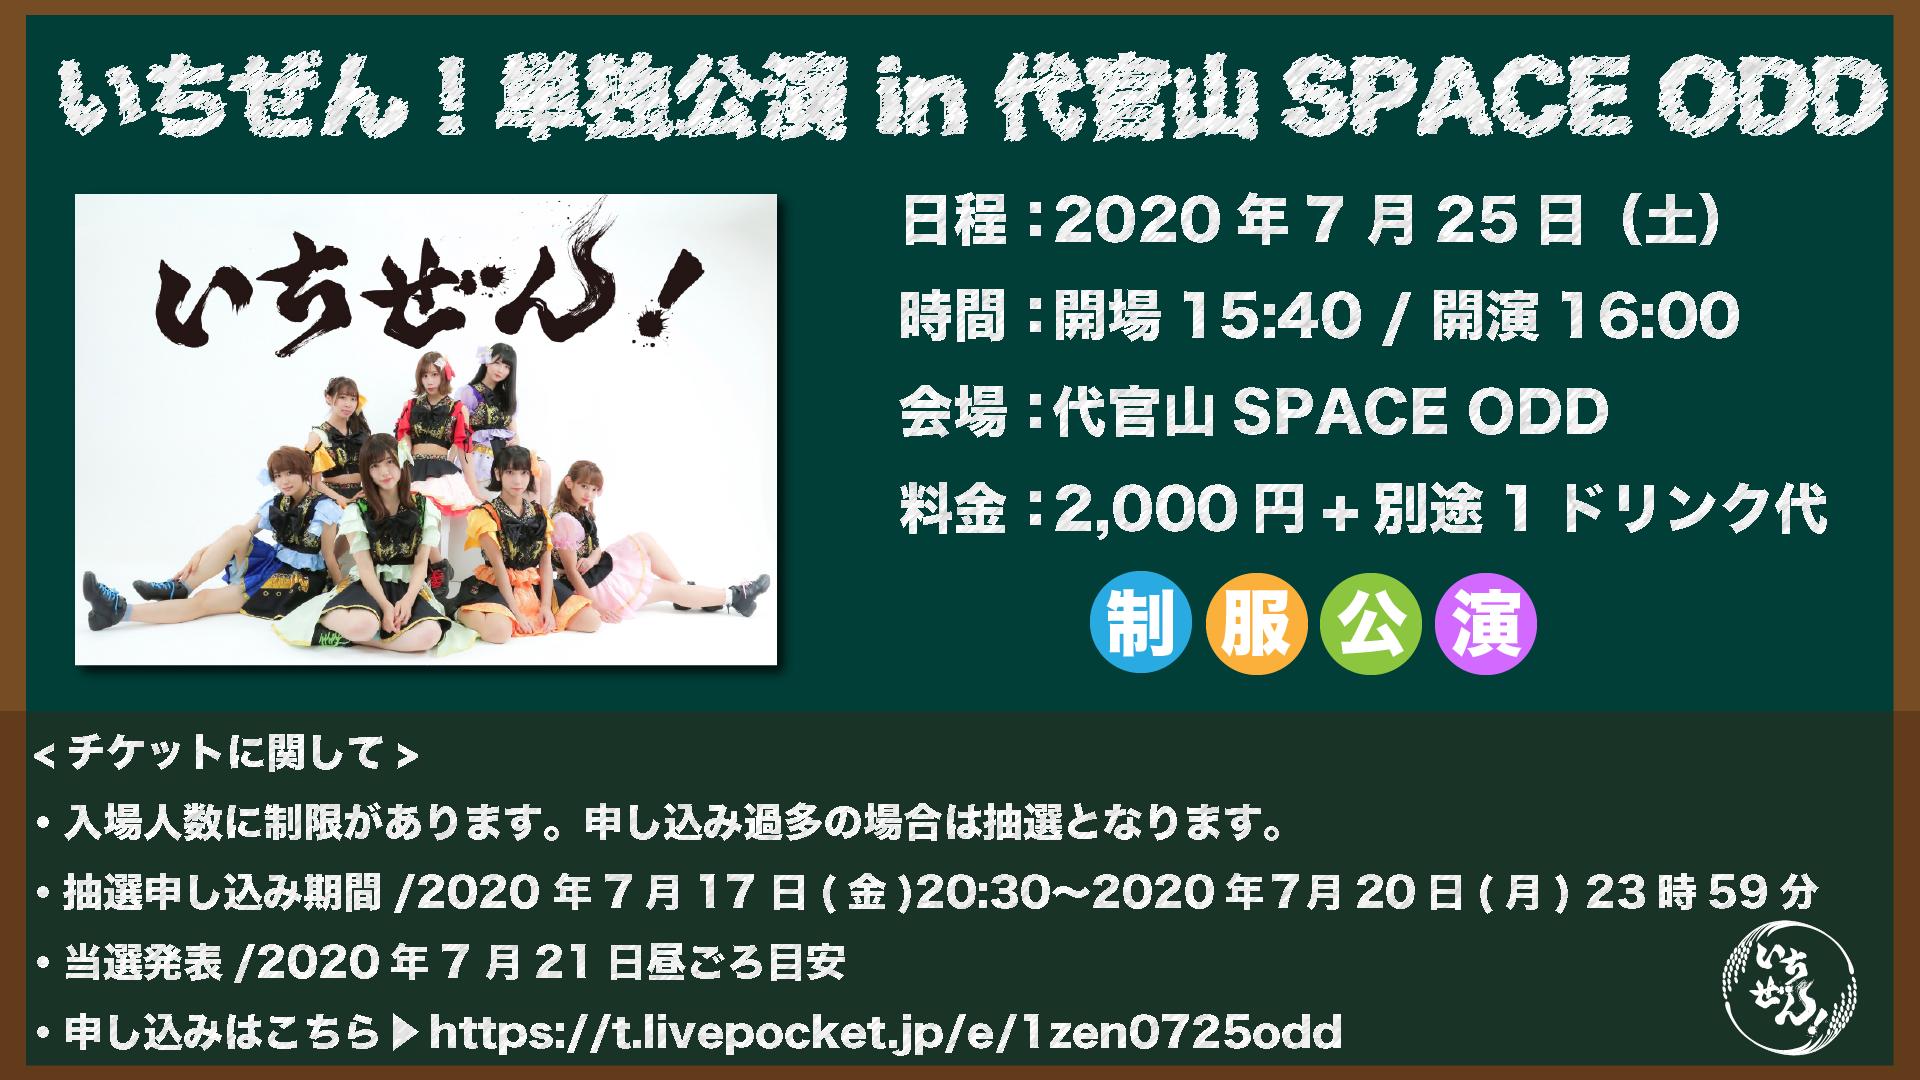 いちぜん!単独公演 in 代官山SPACE ODD